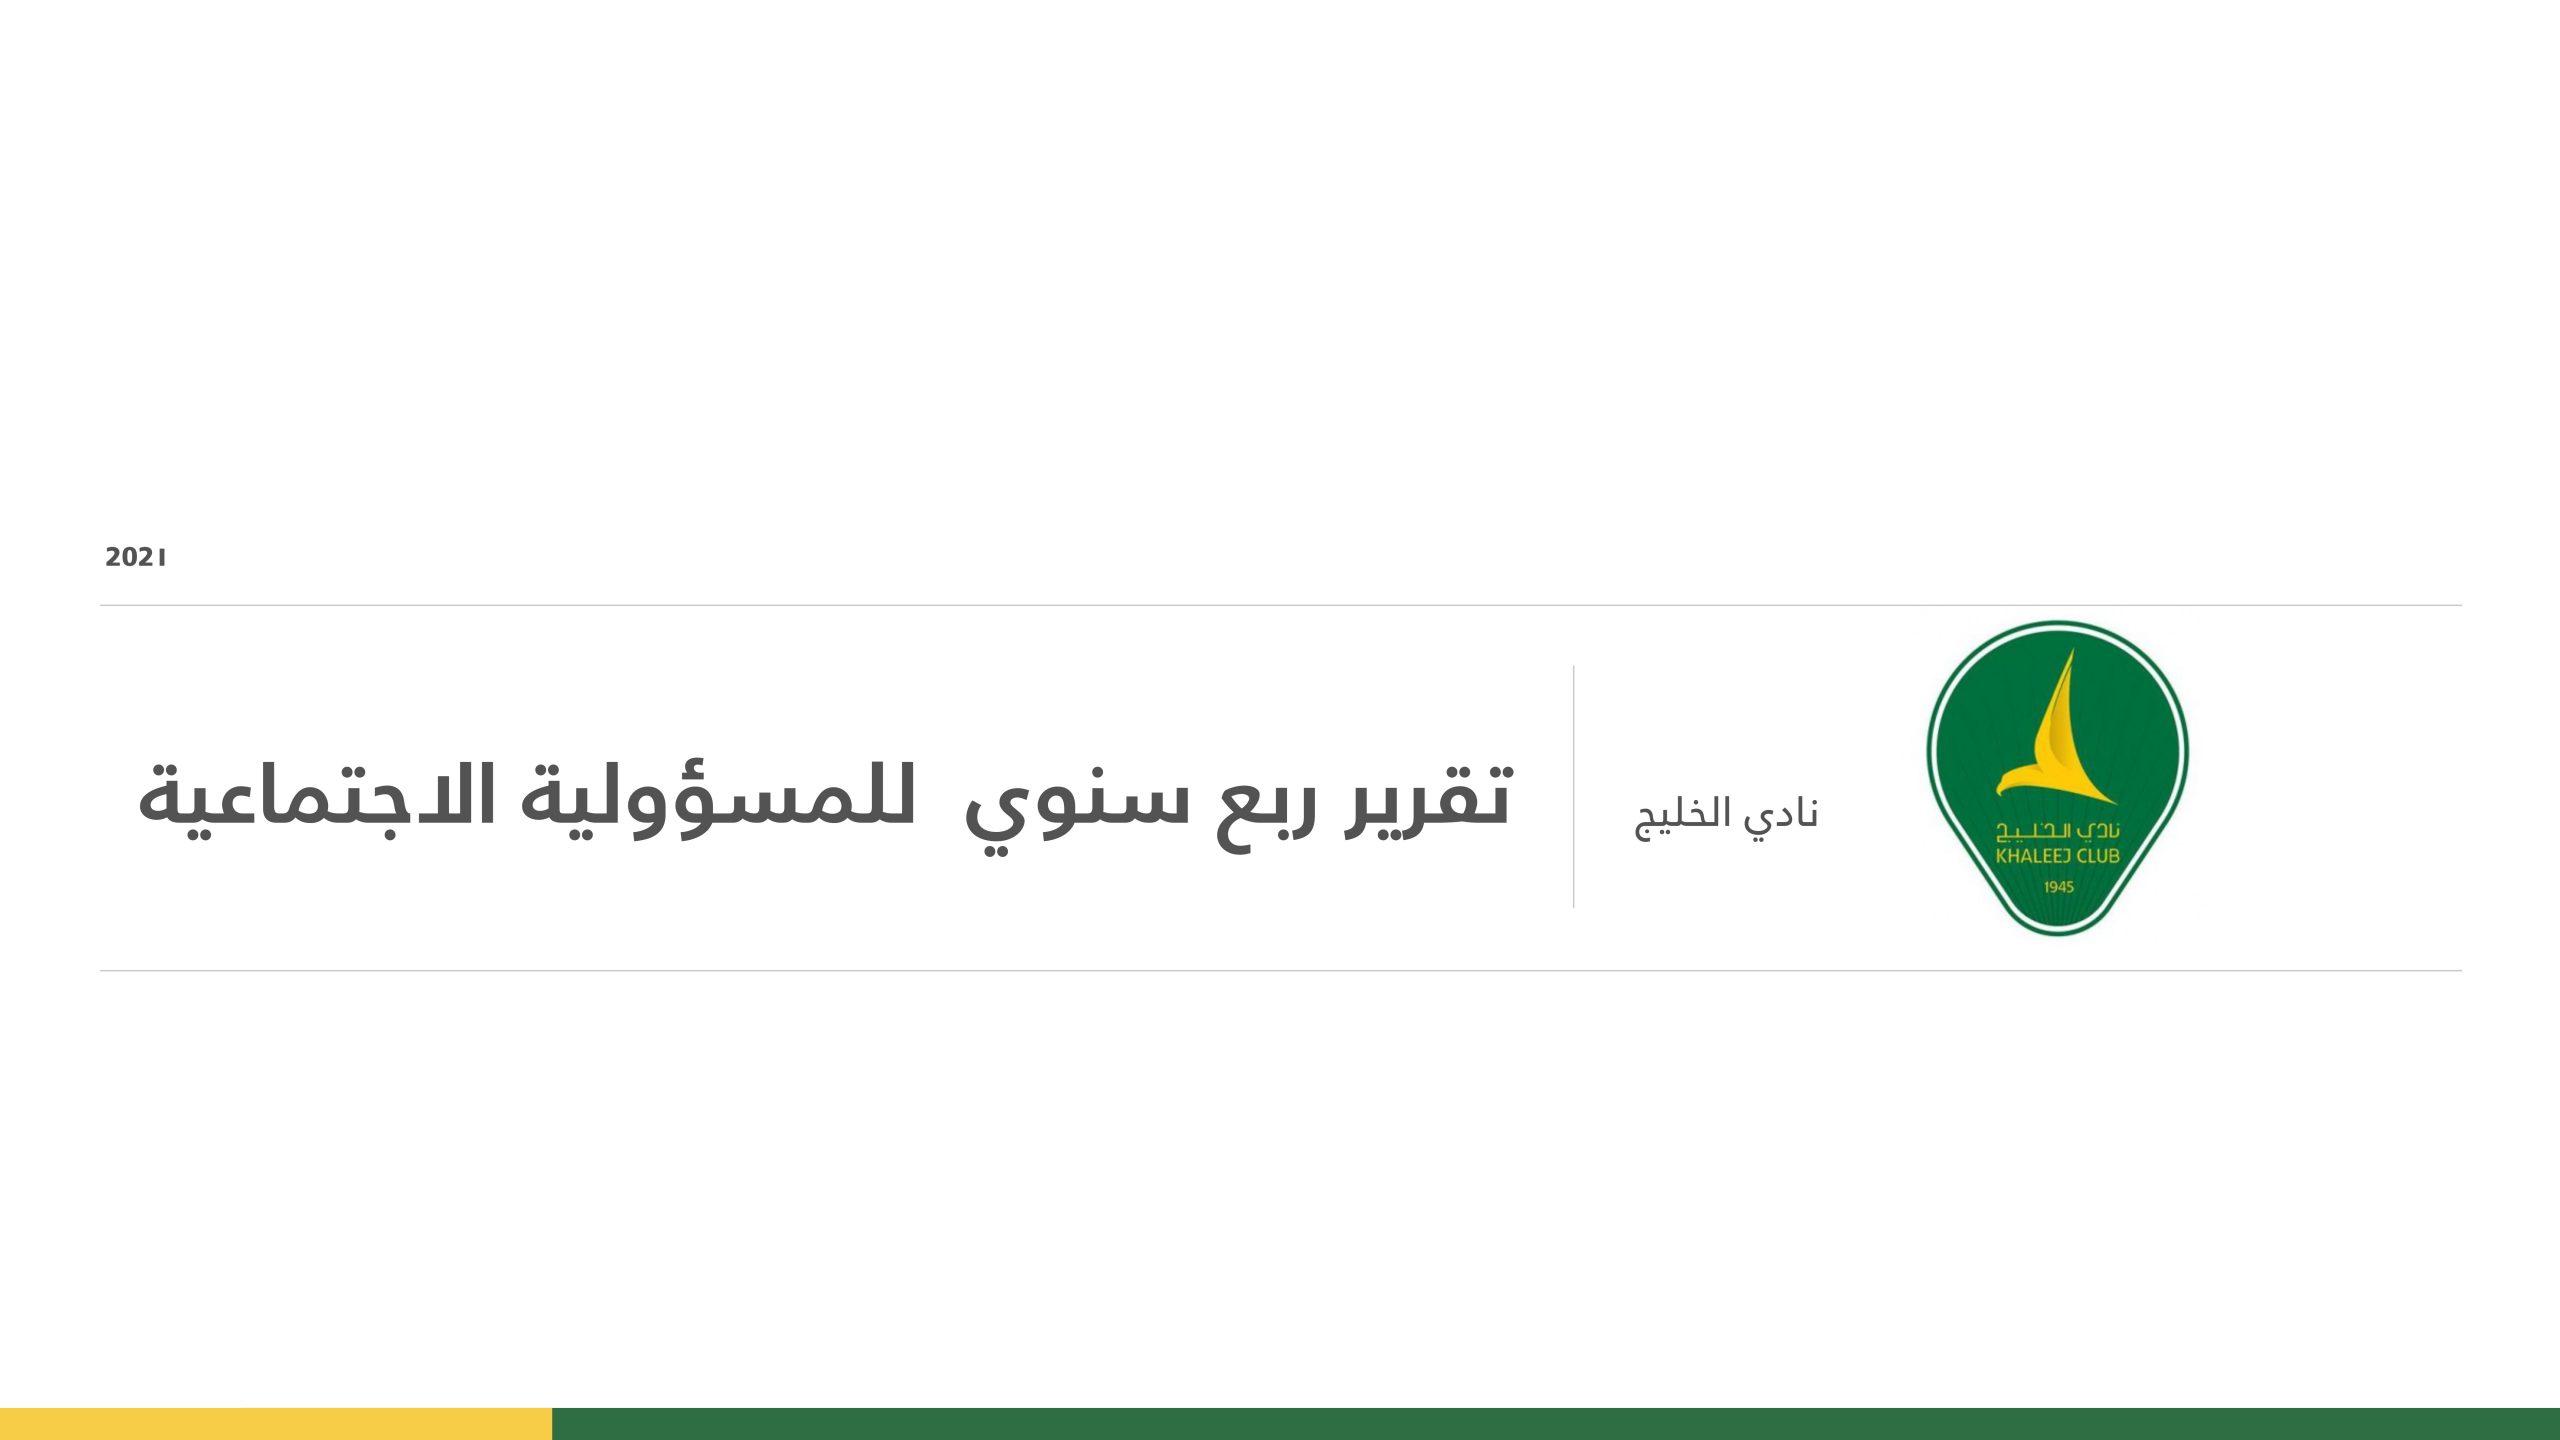 التقرير الربع سنوي للمسؤولية الاجتماعية بنادي الخليج